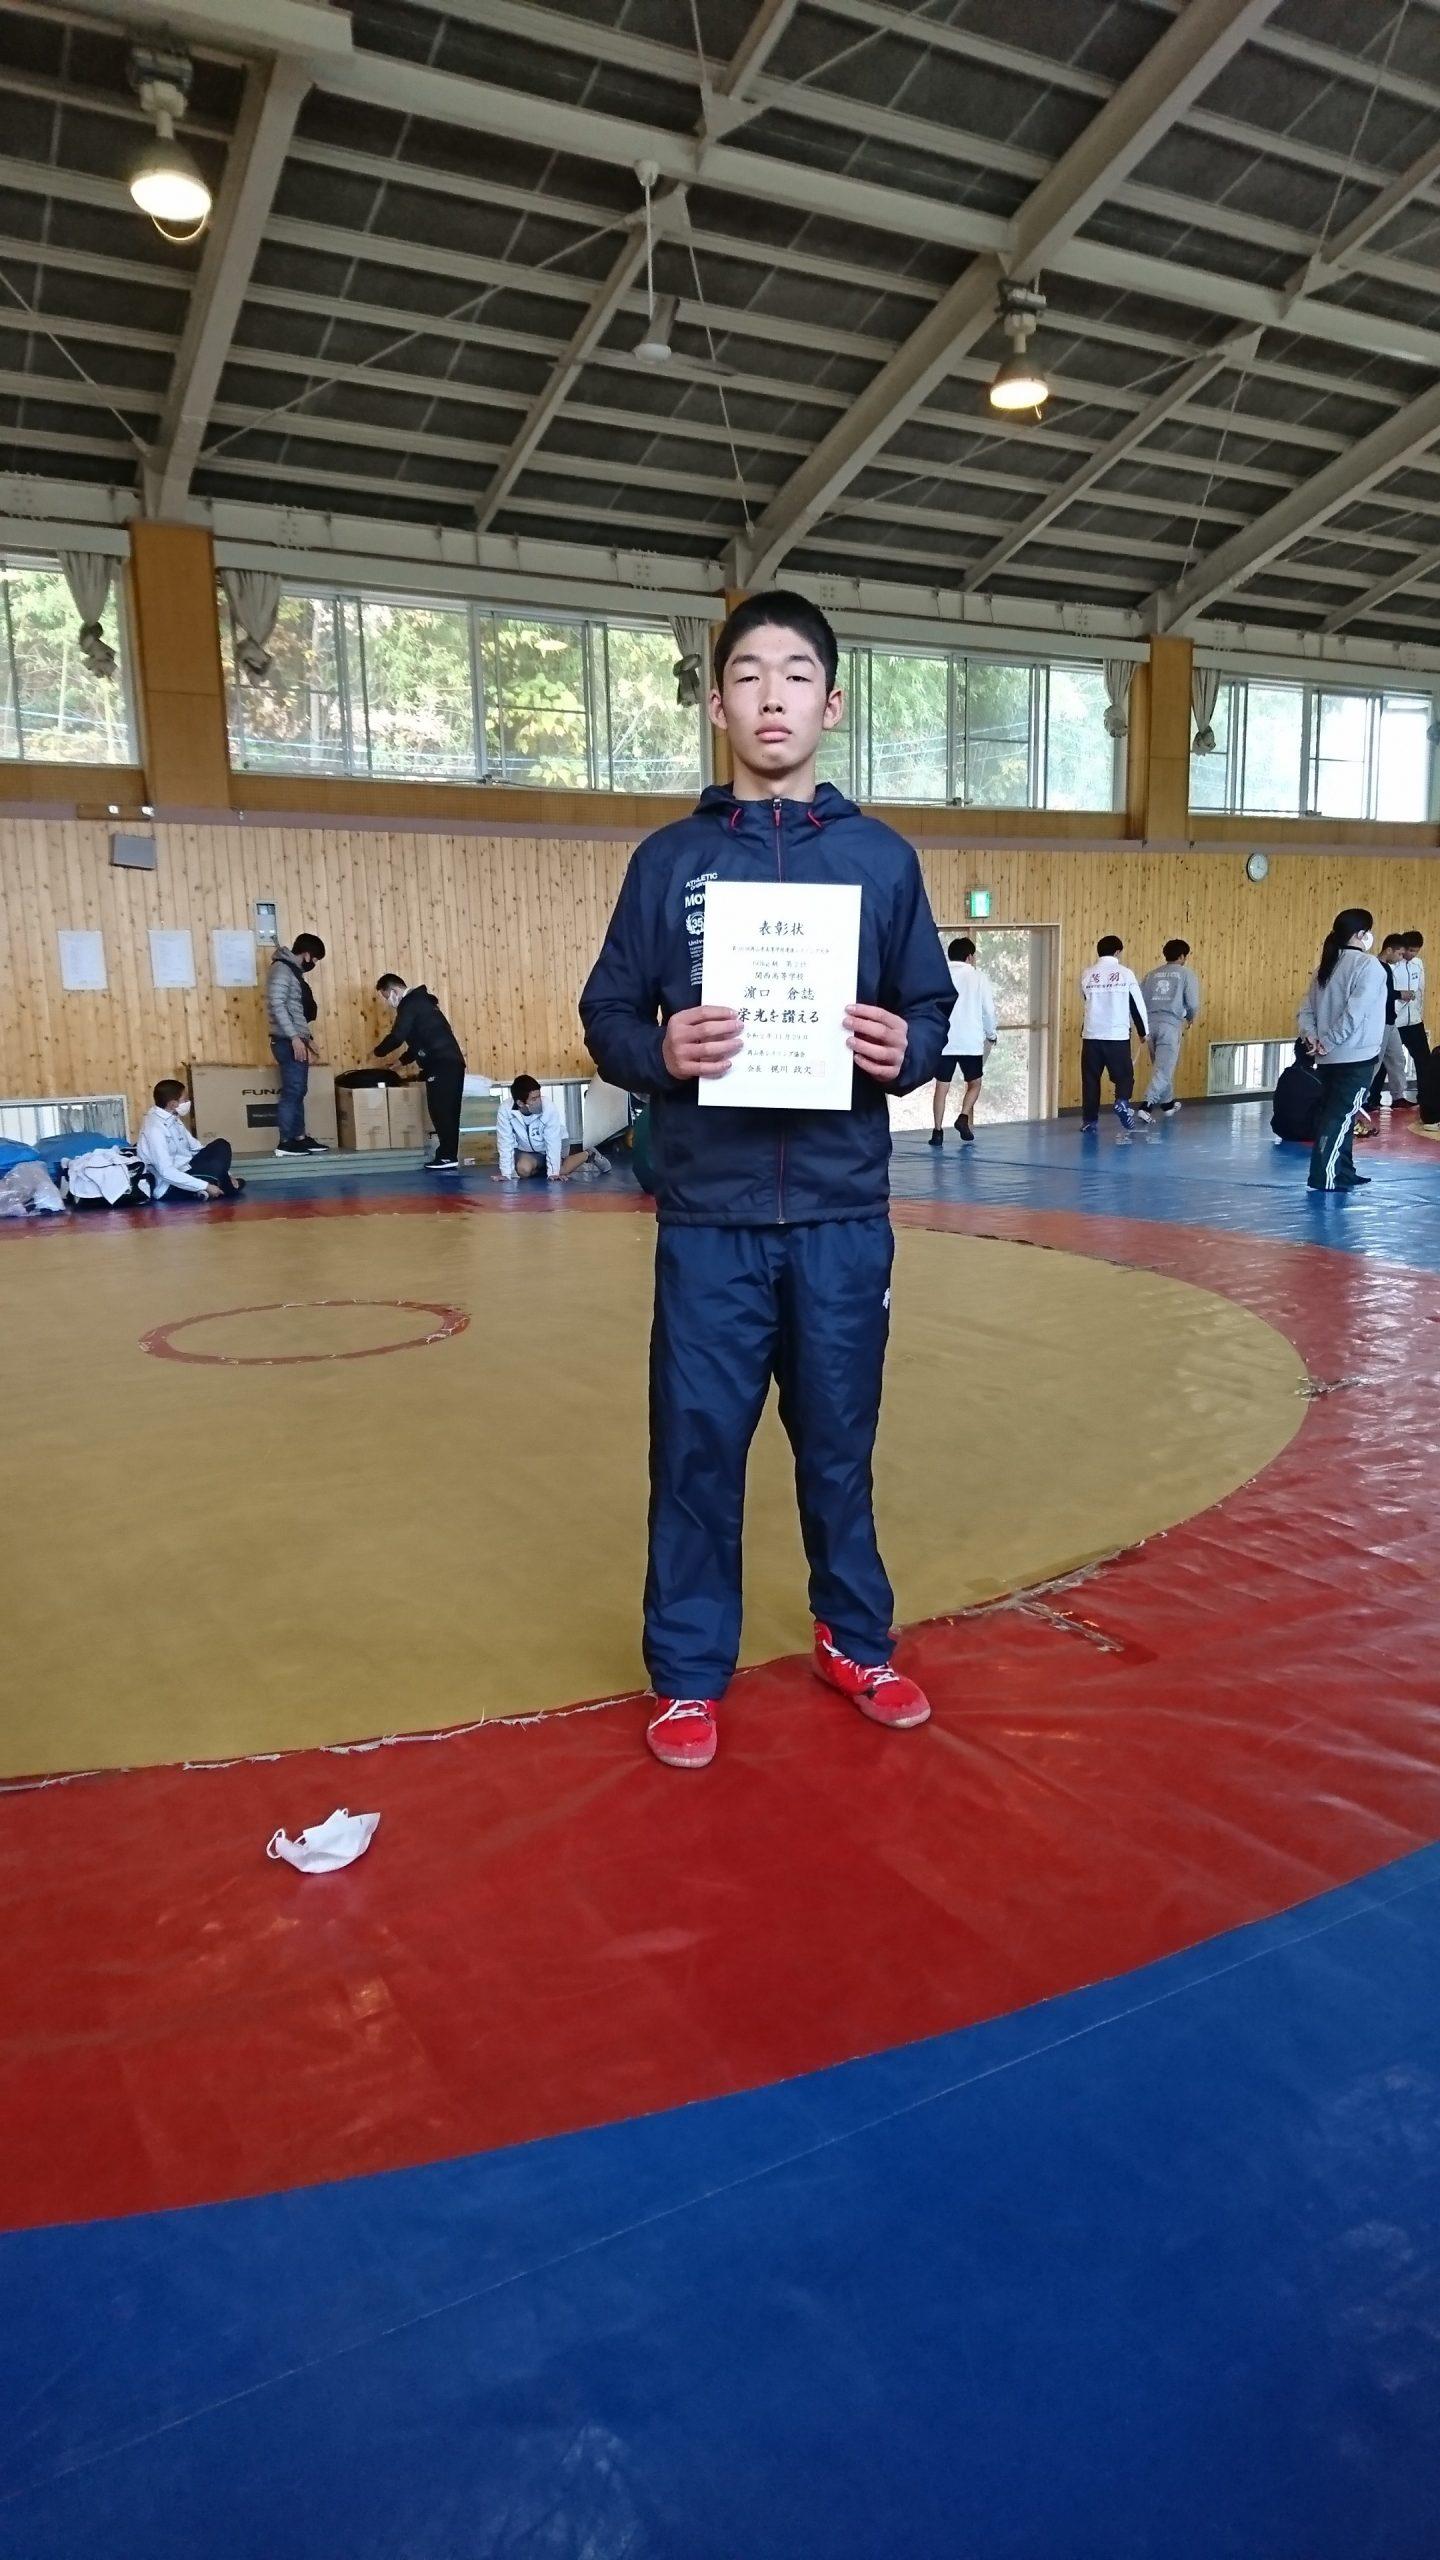 第36回岡山県高校選抜レスリング大会